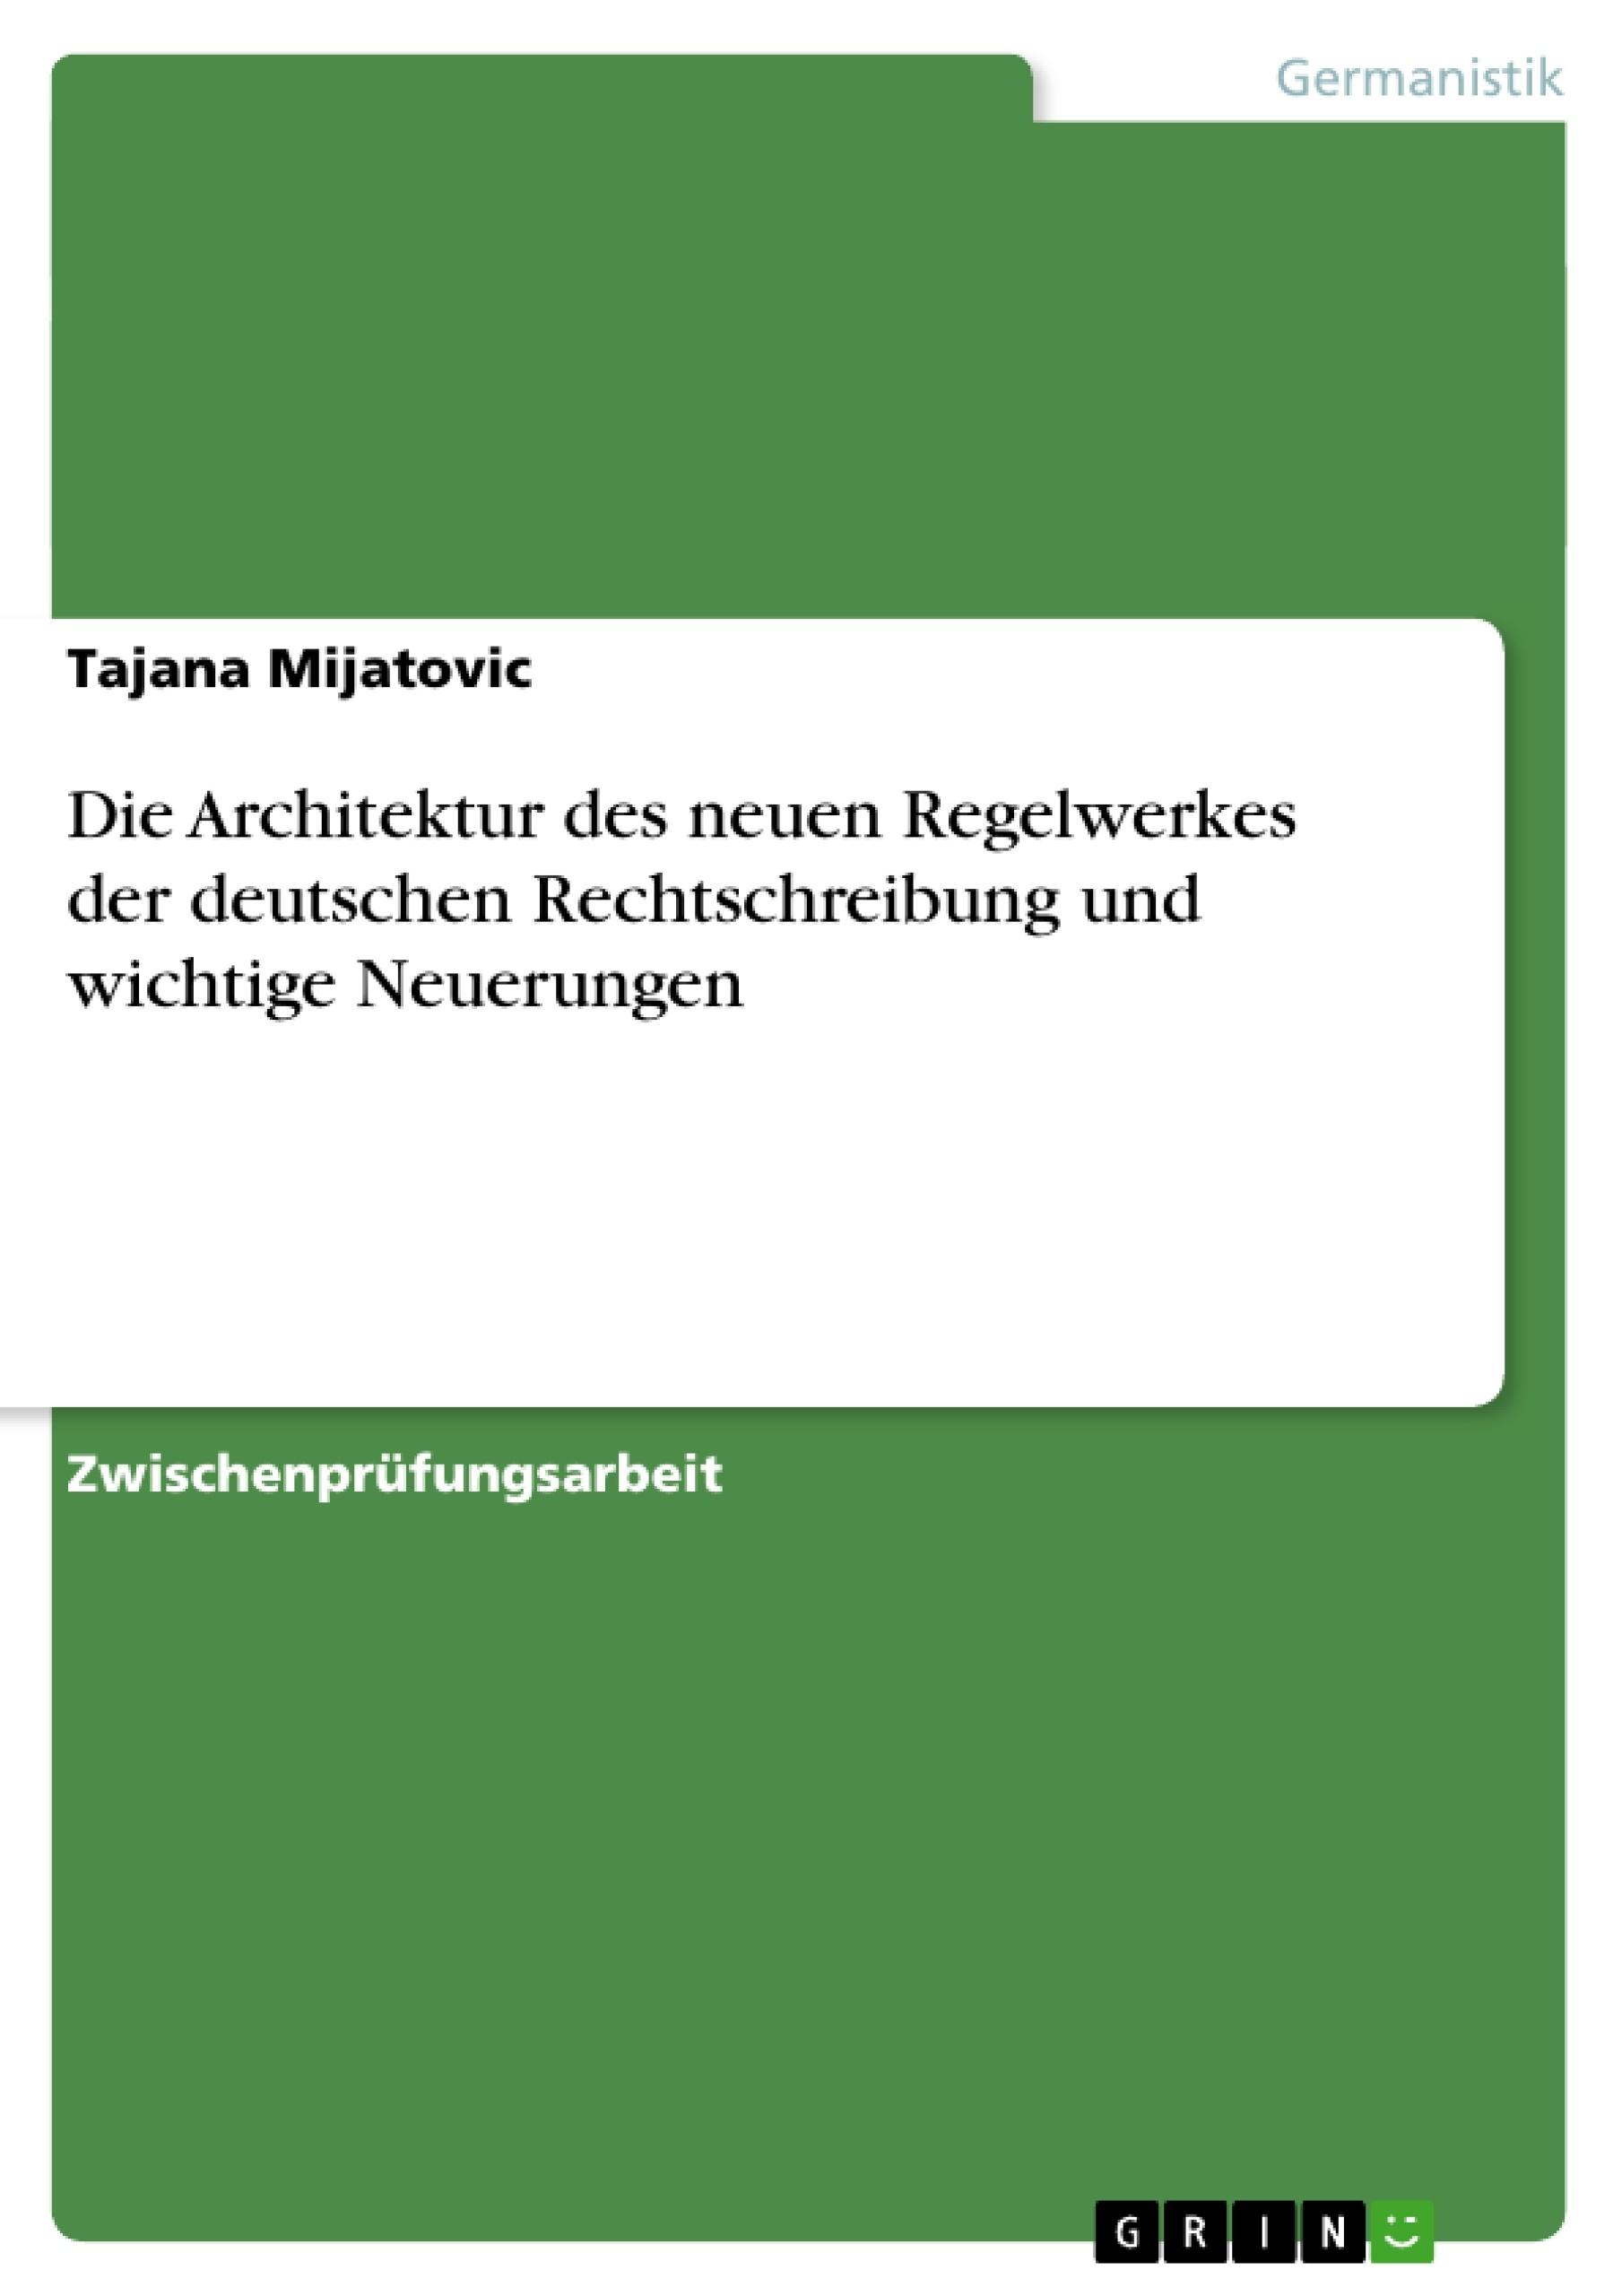 Titel: Die Architektur des neuen Regelwerkes der deutschen Rechtschreibung und wichtige Neuerungen